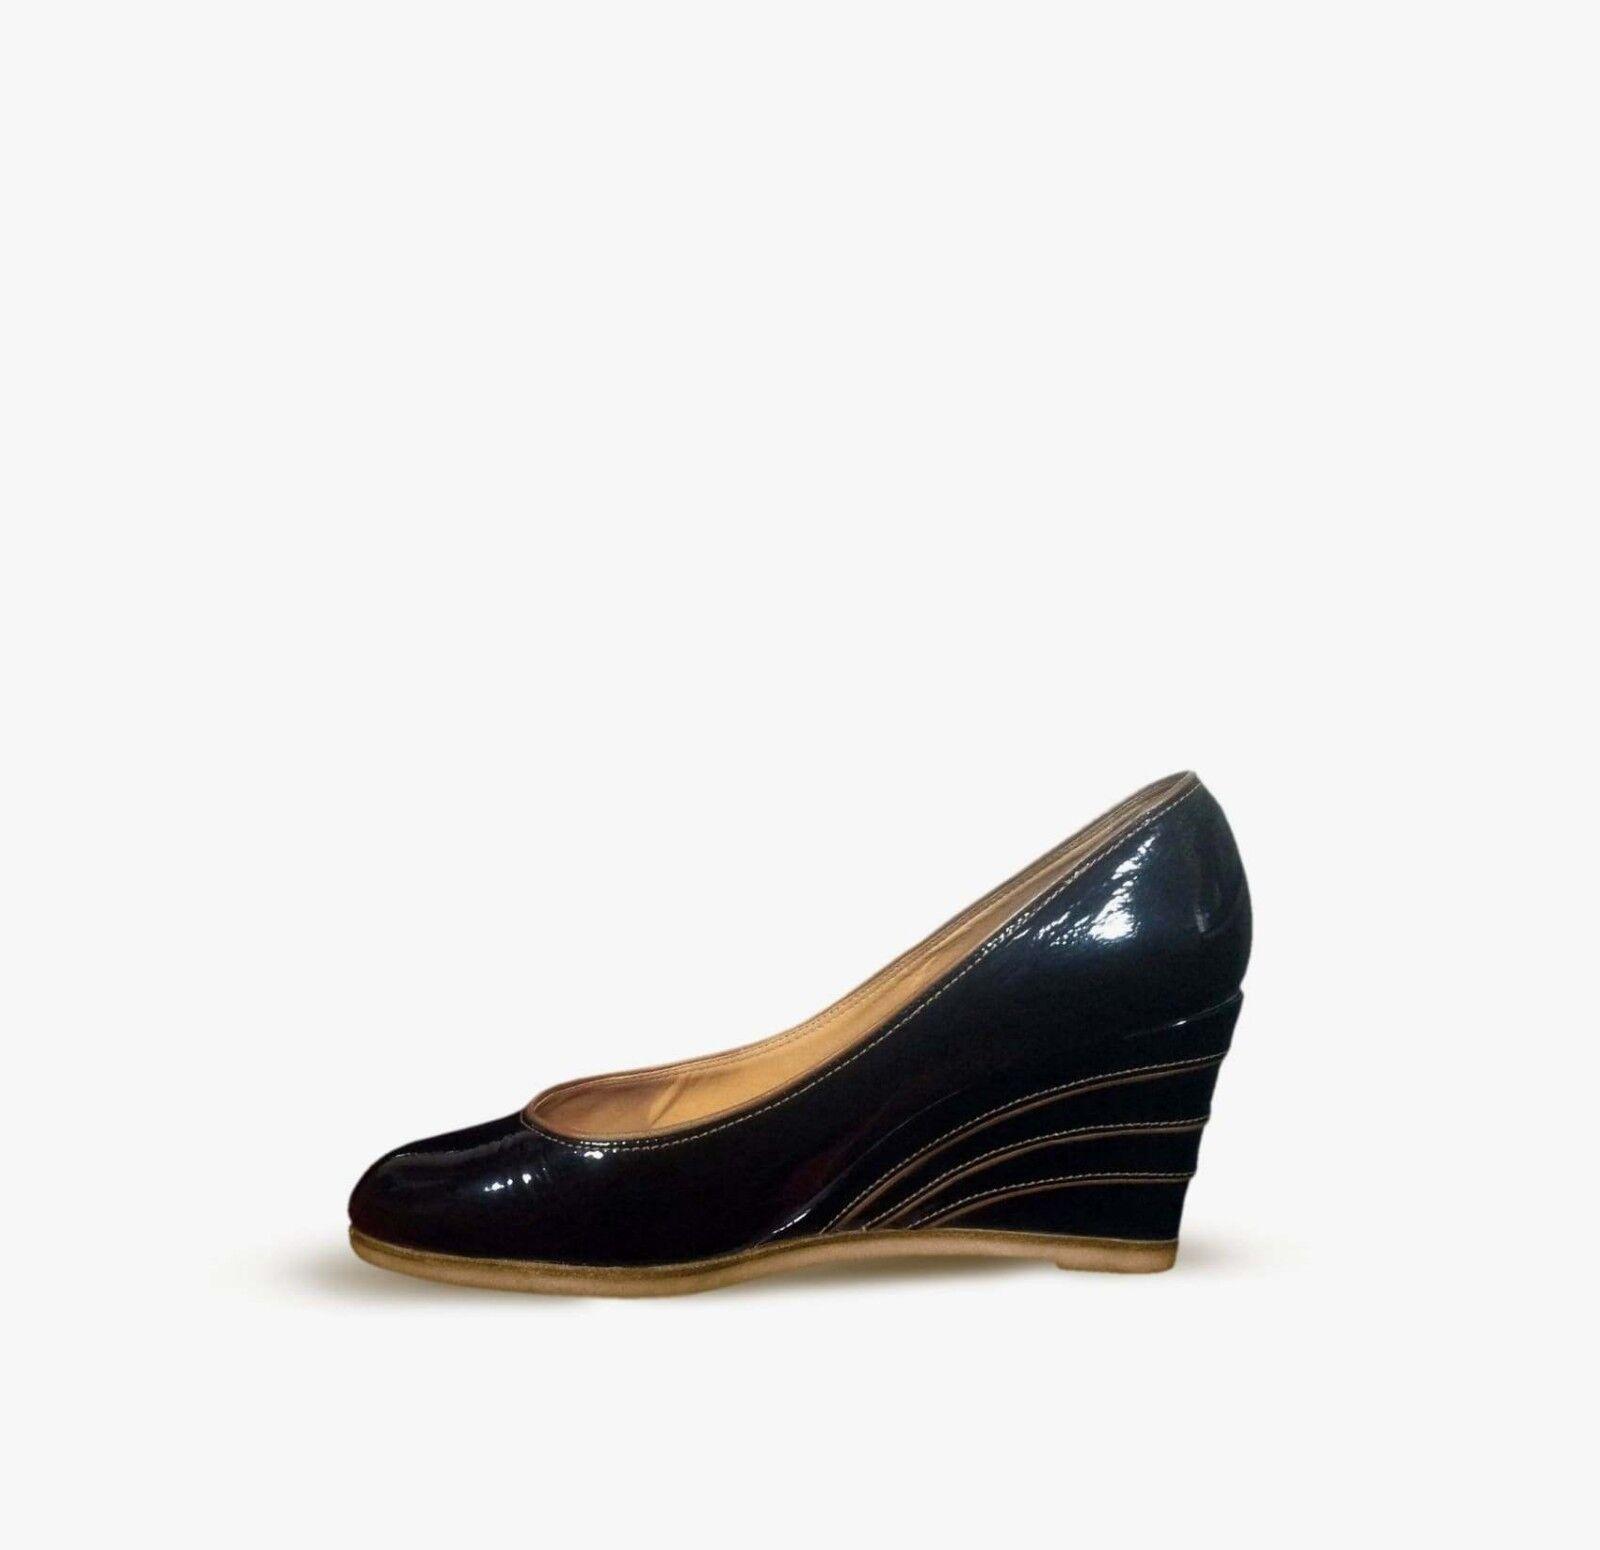 SALVATORE FERRAGAMO Women Wedge shoes Size 41 Formal Black Lackered shoes Sz 11